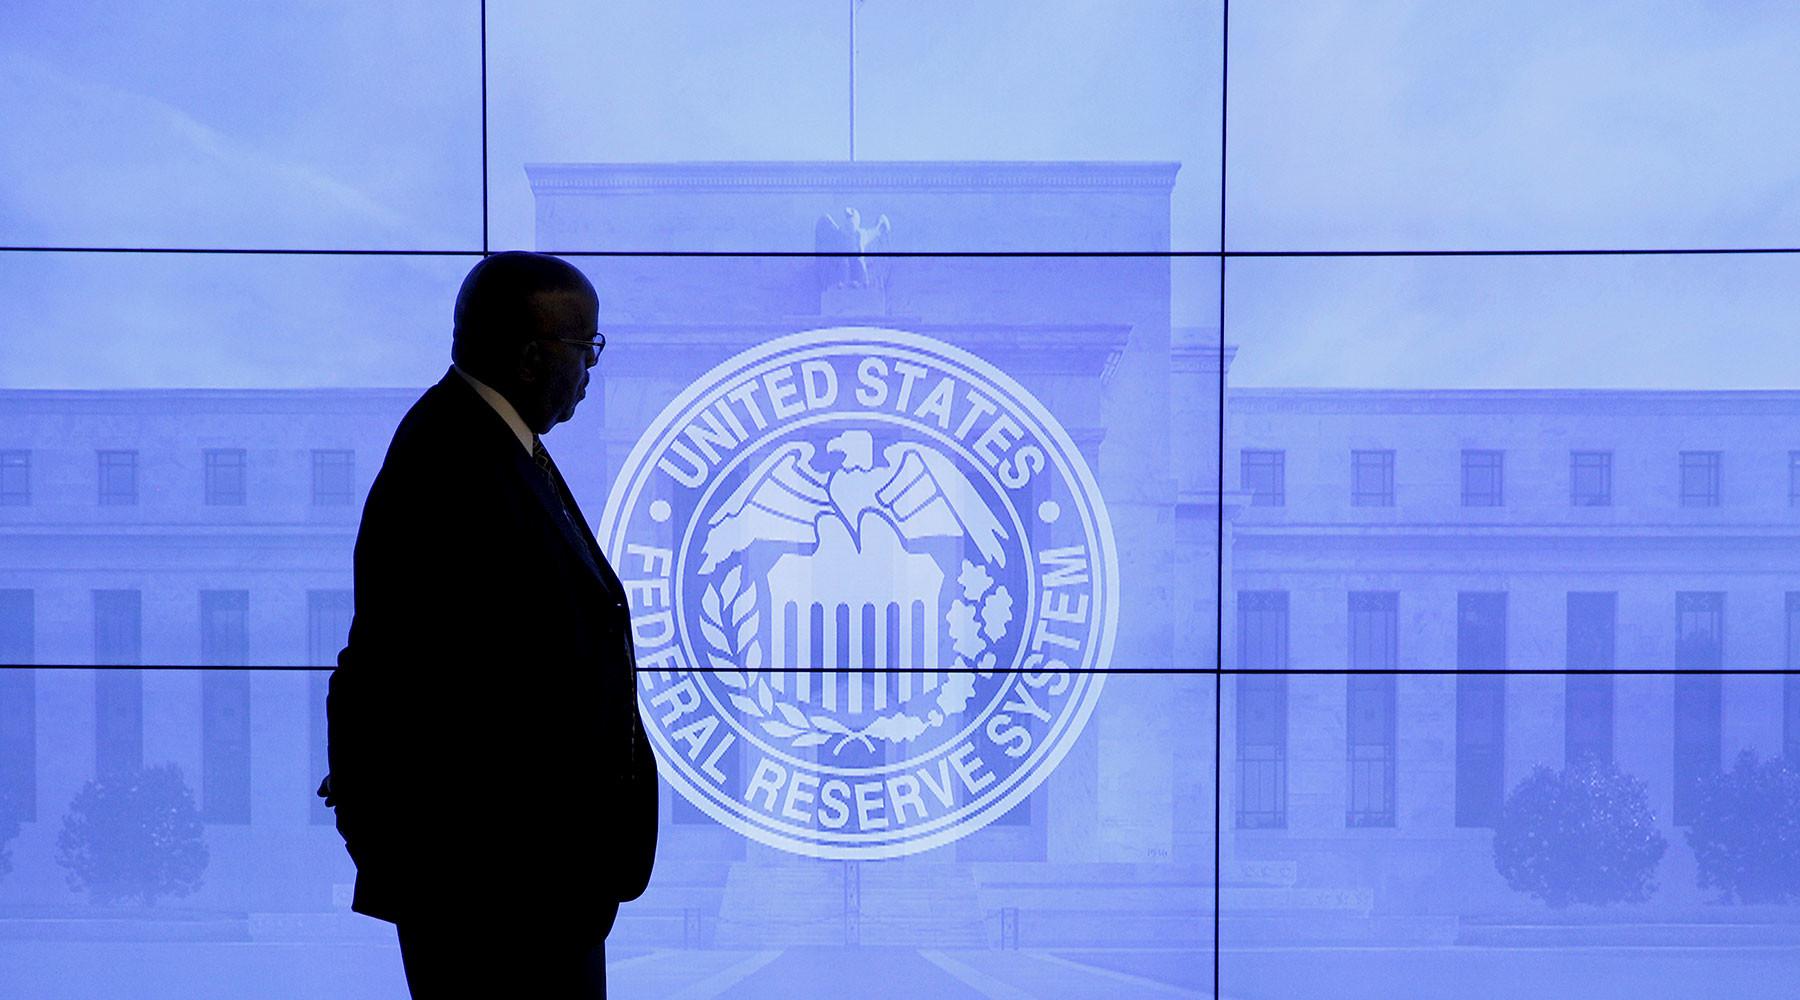 Не выдержал слов: почему доллар США неожиданно ослабел на мировом валютном рынке